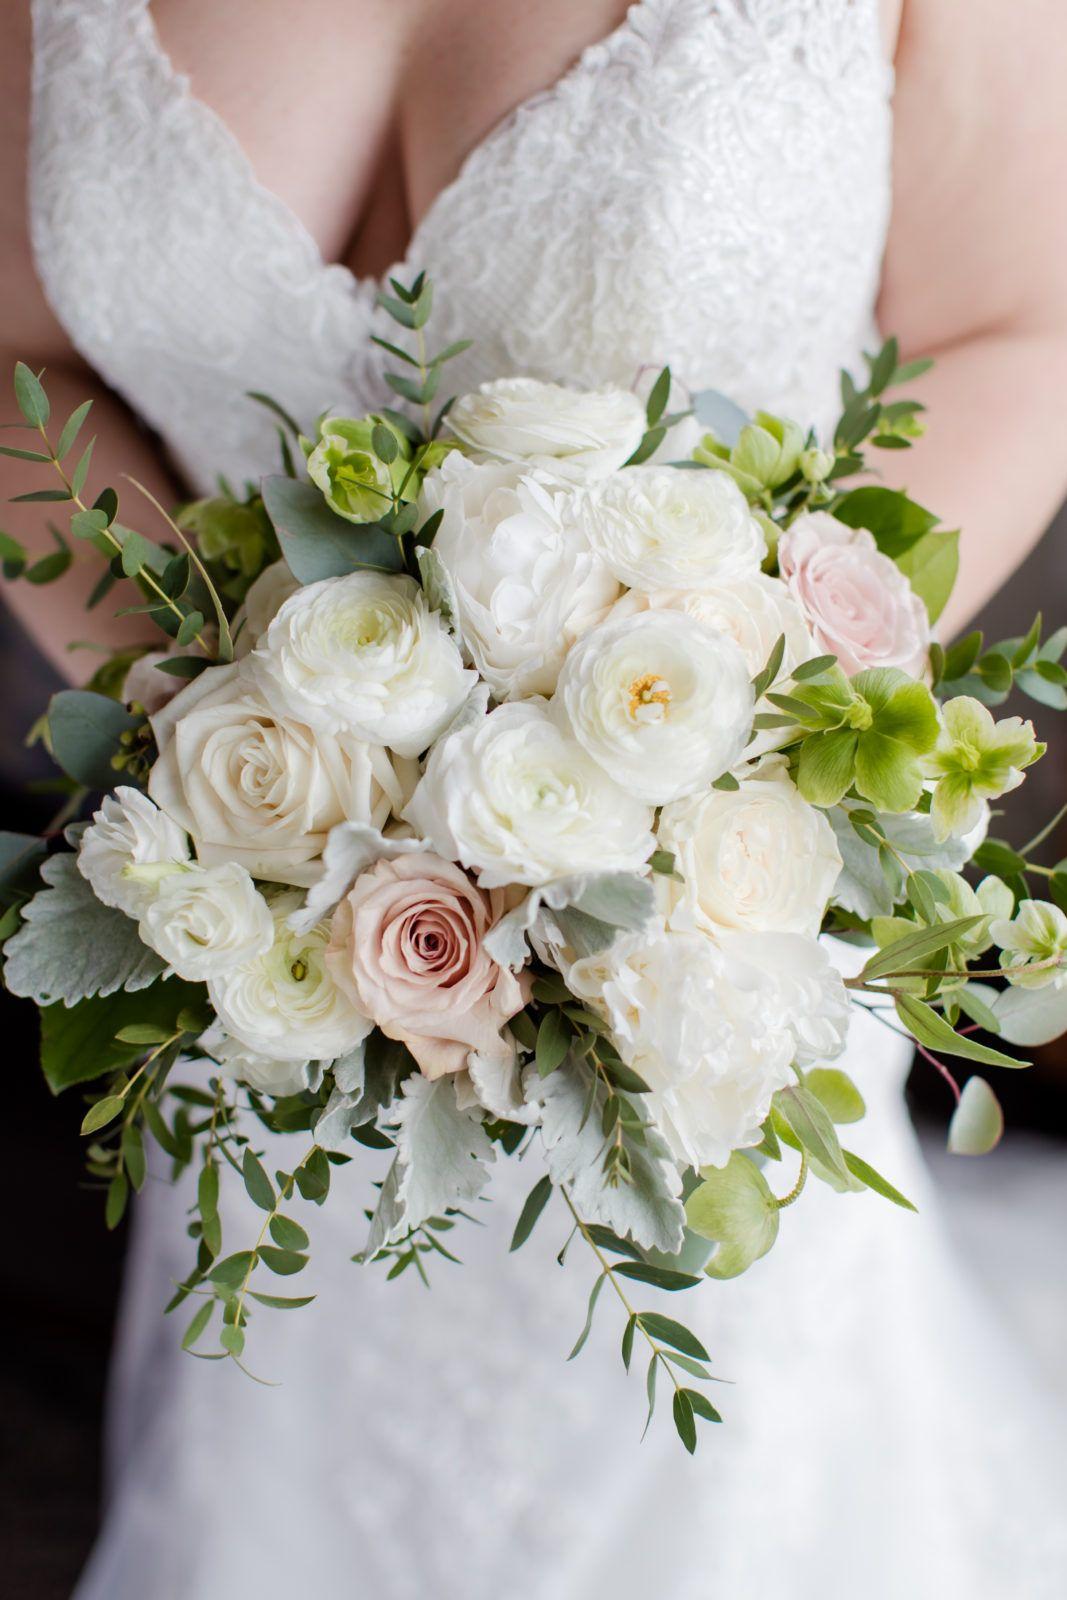 karma flowers, wedding bouquet | beautiful new jersey